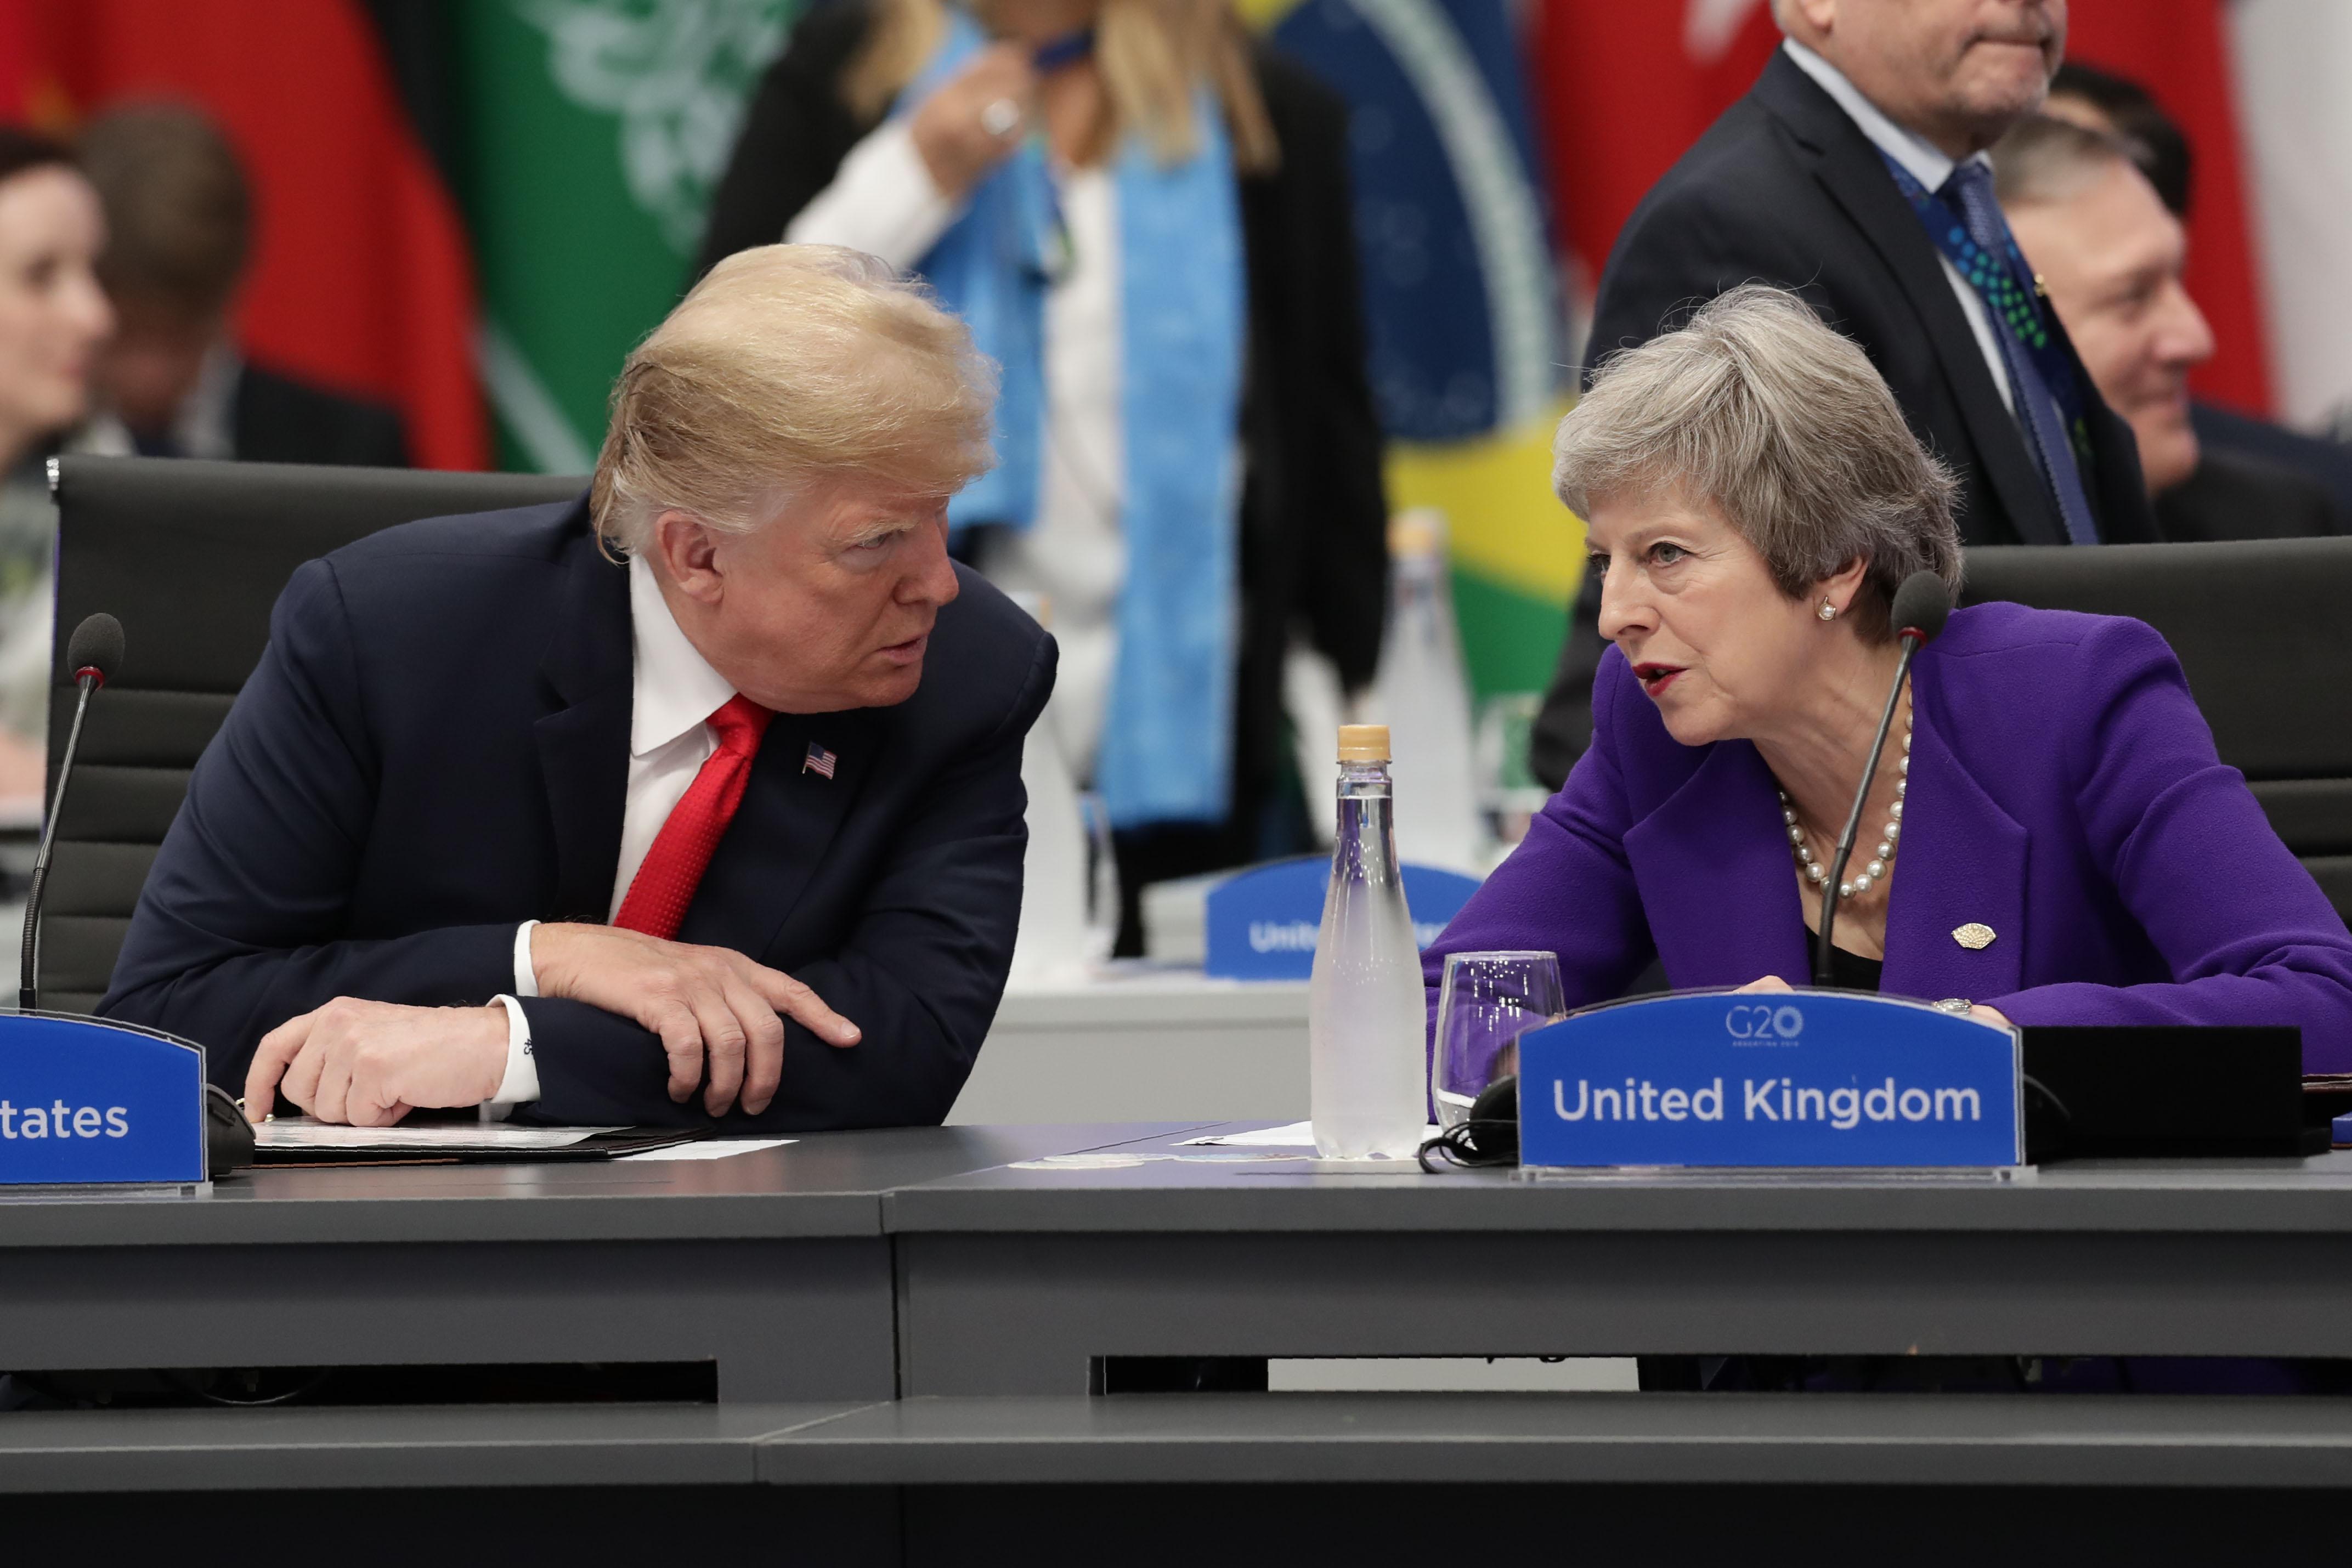 美國總統特朗普和英國首相梅。(ALEJANDRO PAGNI/AFP/Getty Images)